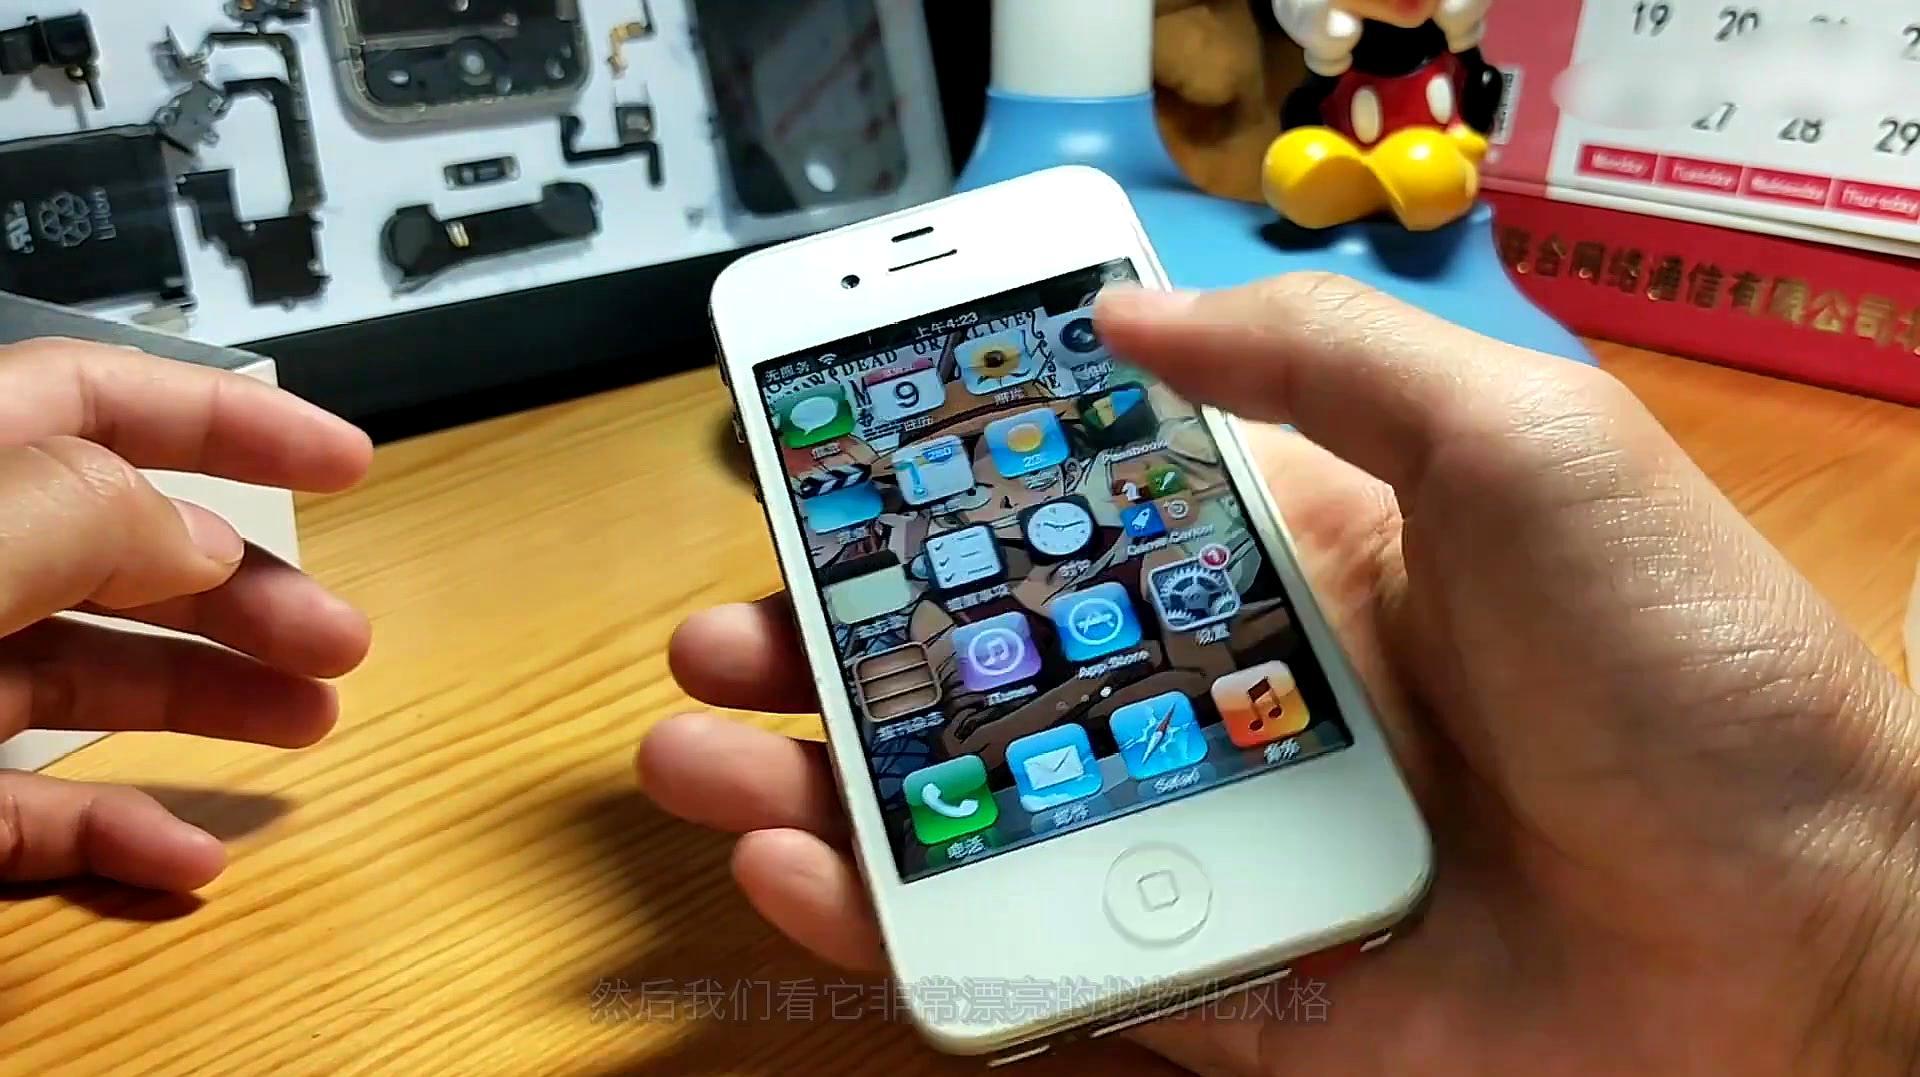 68元买了台苹果手机 开机解锁的那一瞬间 这才是真正的iPhone